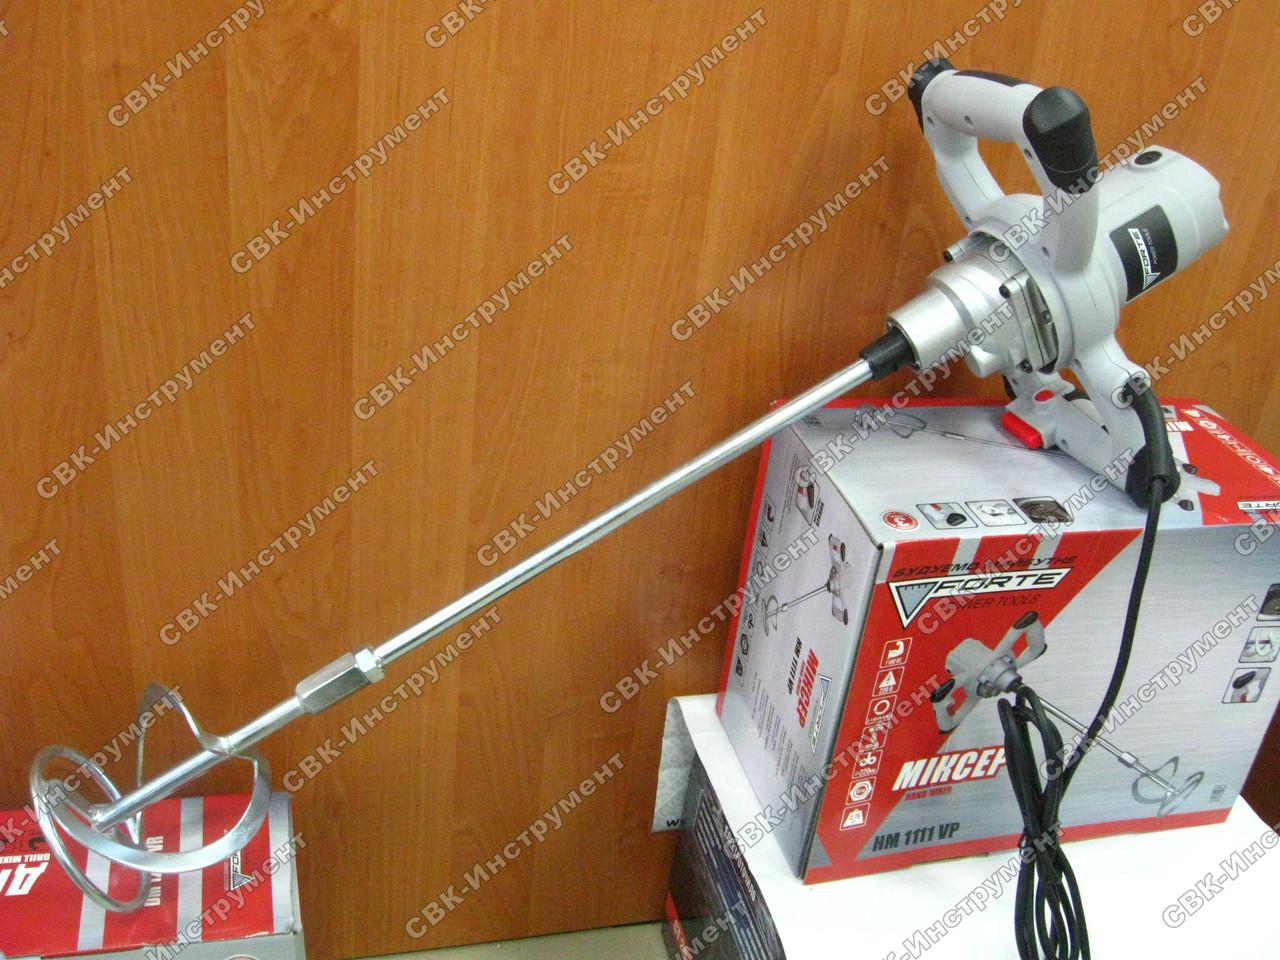 Миксер строительный Forte HM 1111 VR